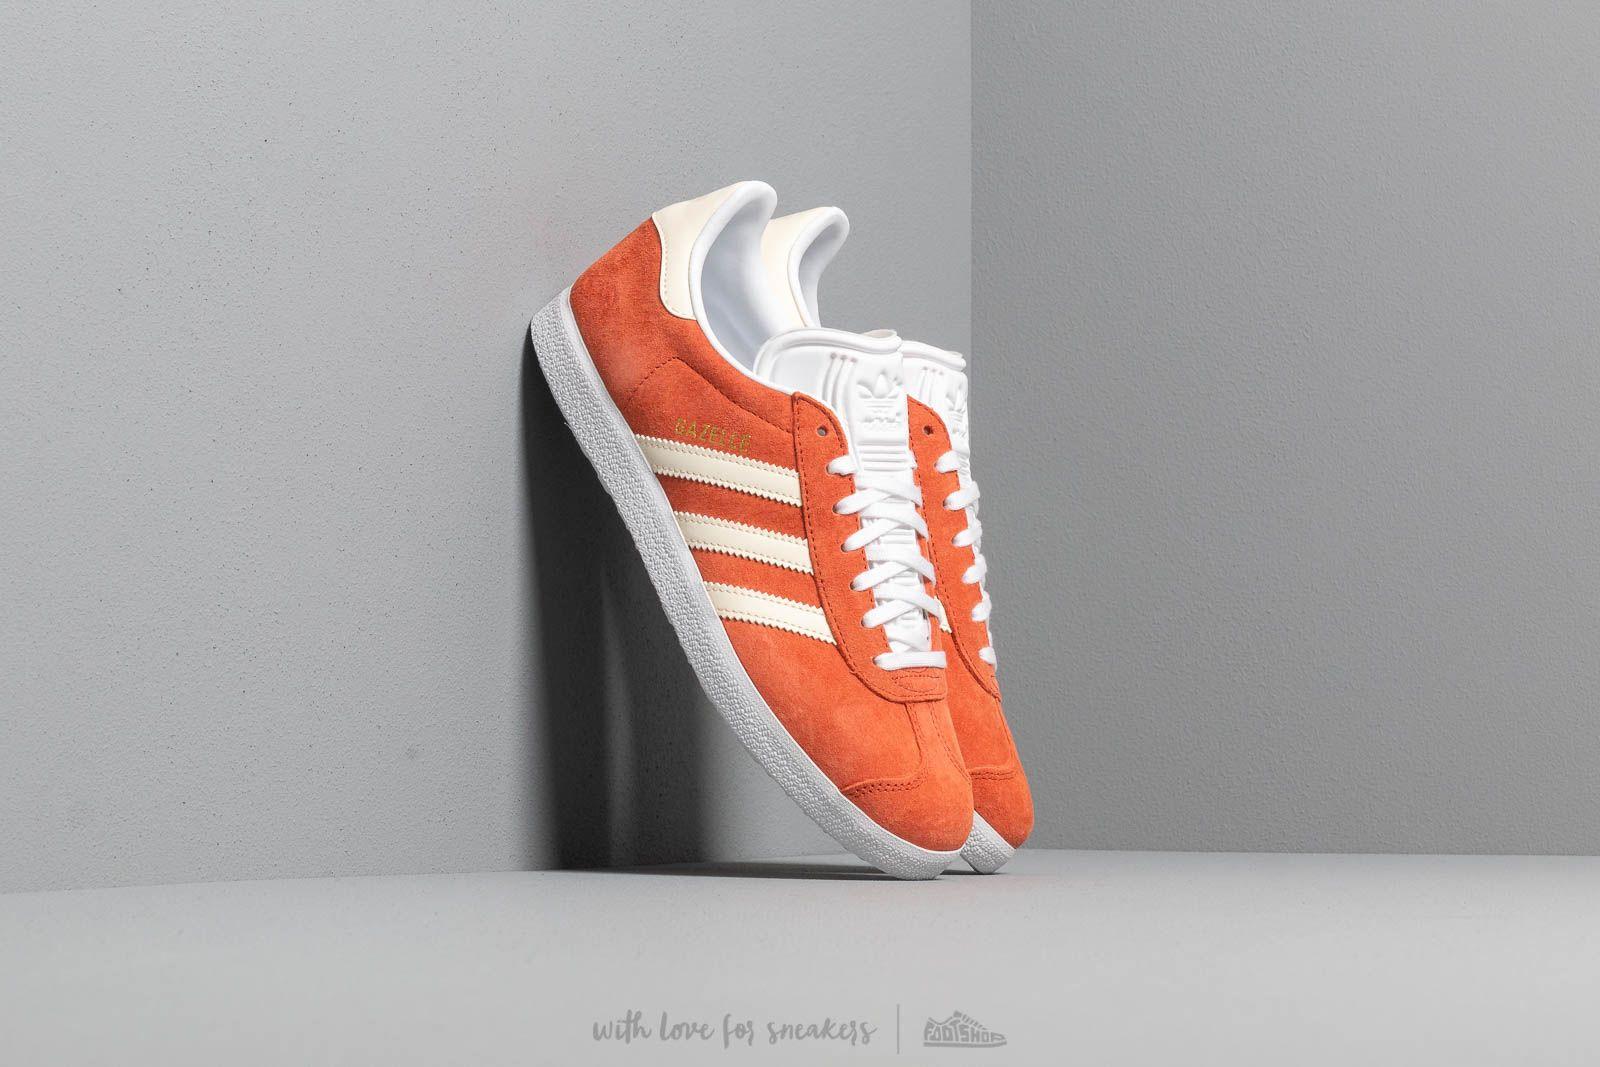 Dámske topánky a tenisky adidas Gazelle W Raw Amber/ Ecru Tint/ Ftw White